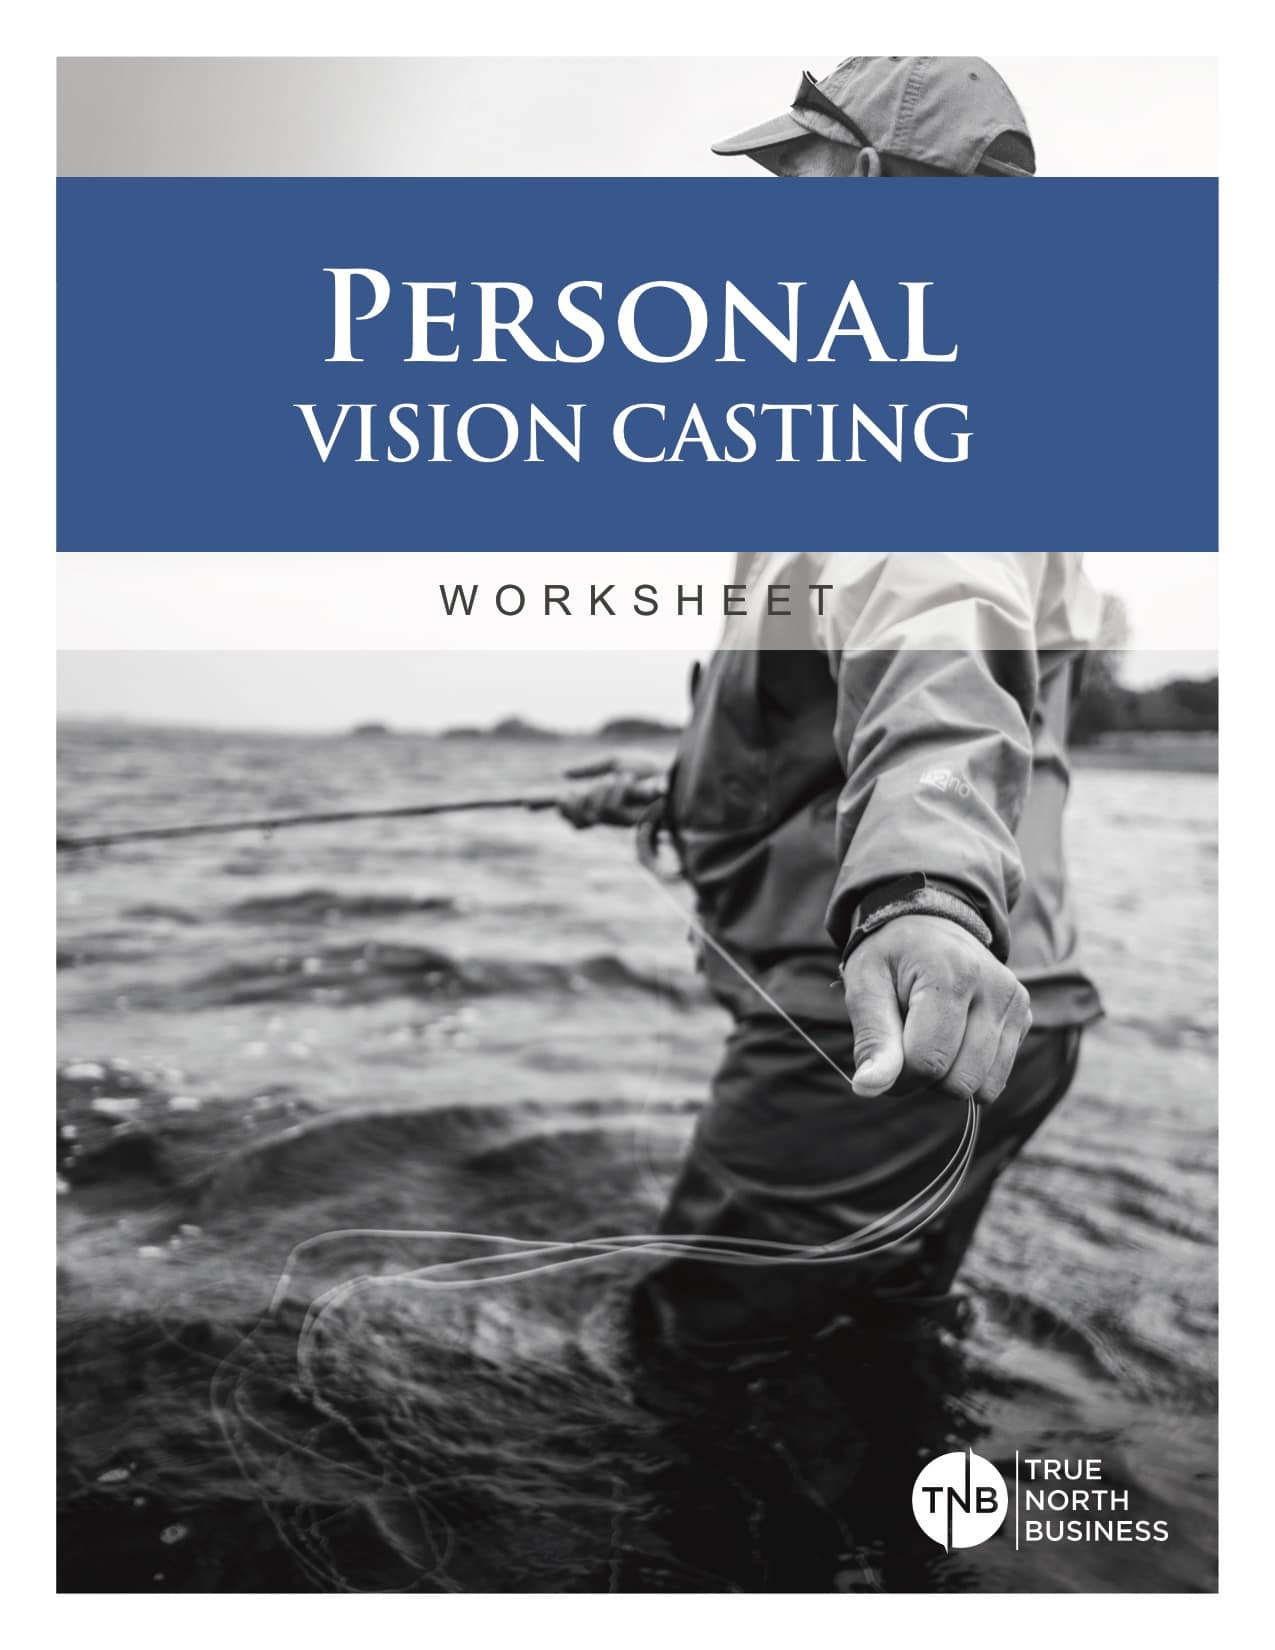 Personal Vision Casting Worksheet V2